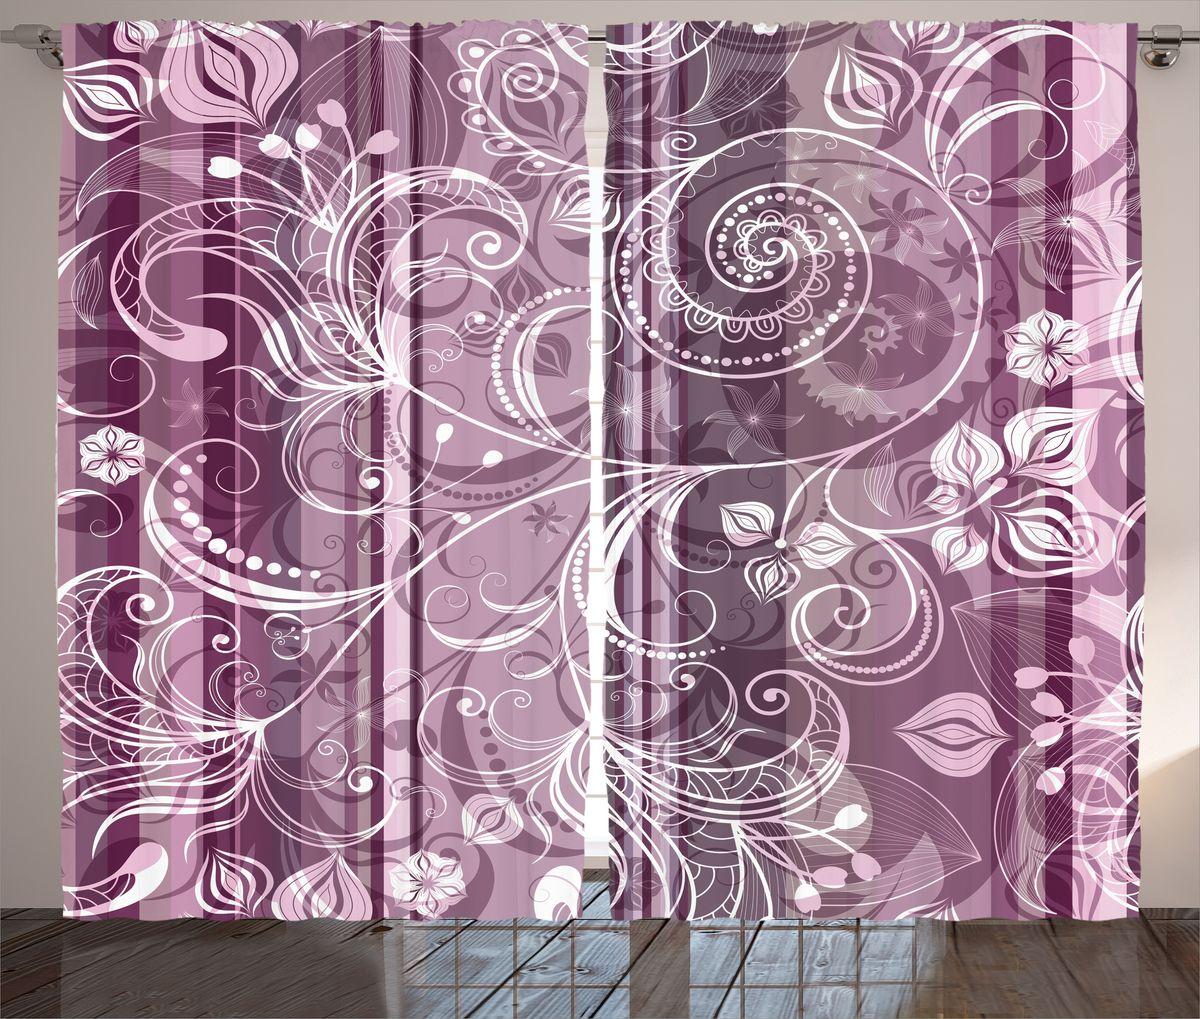 Комплект фотоштор Magic Lady Узоры на лиловом фоне, на ленте, высота 265 см. шсг_17703шсг_14920Компания Сэмболь изготавливает шторы из высококачественного сатена (полиэстер 100%). При изготовлении используются специальные гипоаллергенные чернила для прямой печати по ткани, безопасные для человека и животных. Экологичность продукции Magic lady и безопасность для окружающей среды подтверждены сертификатом Oeko-Tex Standard 100. Крепление: крючки для крепления на шторной ленте (50 шт). Возможно крепление на трубу. Внимание! При нанесении сублимационной печати на ткань технологическим методом при температуре 240°С, возможно отклонение полученных размеров (указанных на этикетке и сайте) от стандартных на + - 3-5 см. Производитель старается максимально точно передать цвета изделия на фотографиях, однако искажения неизбежны и фактический цвет изделия может отличаться от воспринимаемого по фото. Обратите внимание! Шторы изготовлены из полиэстра сатенового переплетения, а не из сатина (хлопок). Размер одного полотна шторы: 145х265 см. В комплекте 2 полотна шторы и 50 крючков.